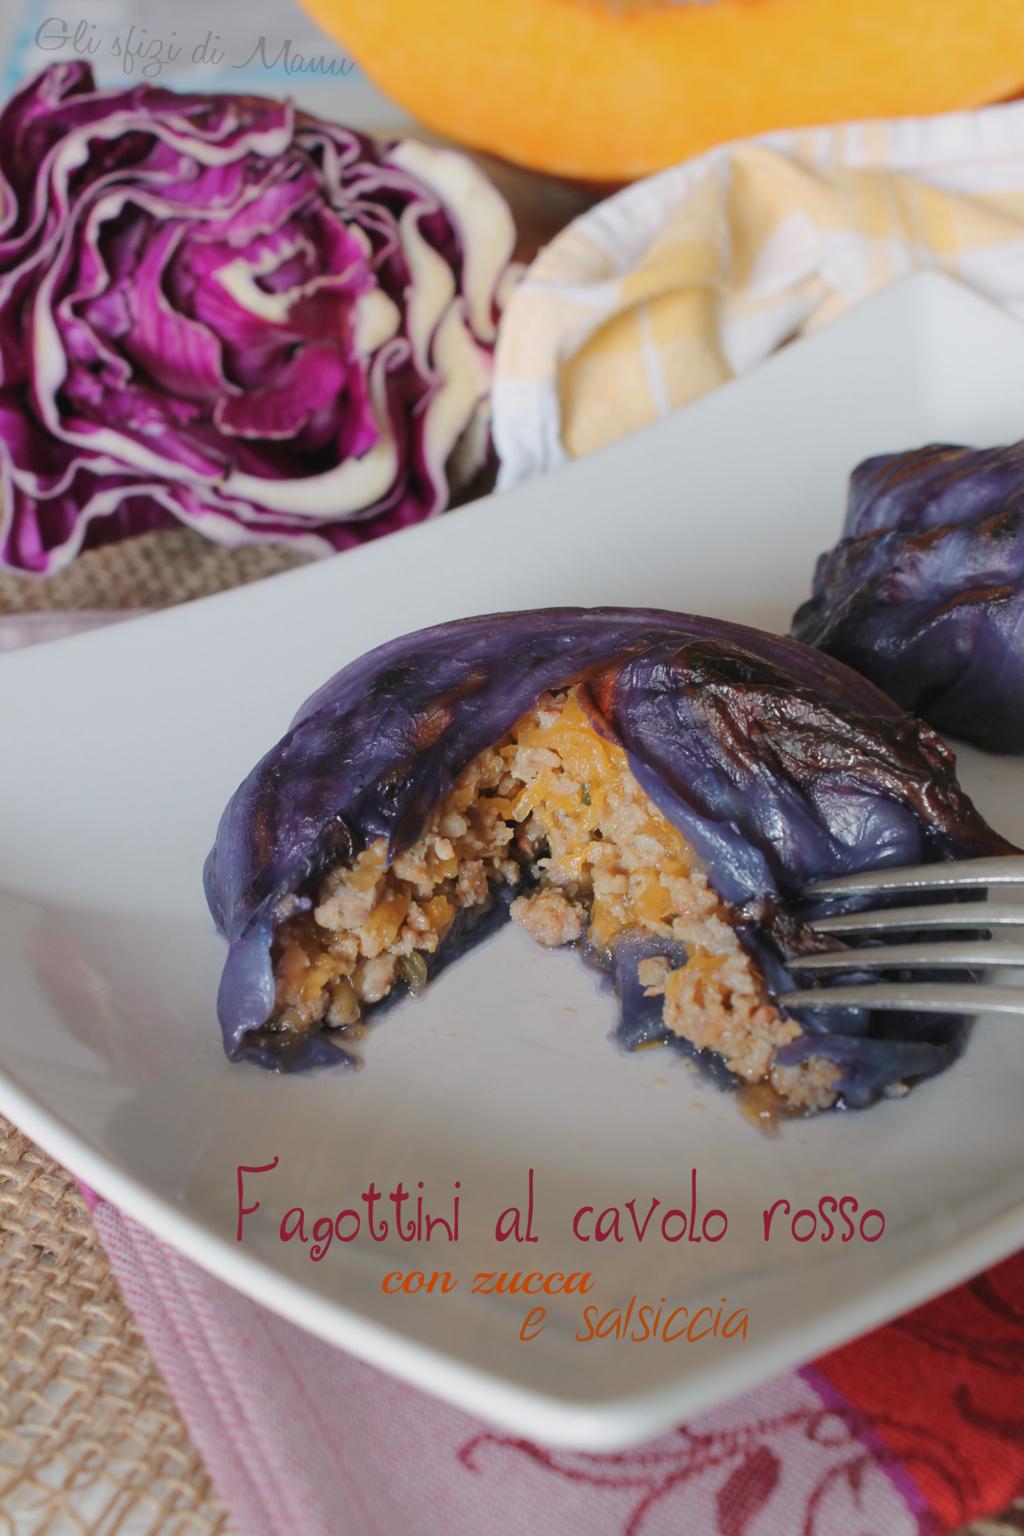 fagottini di cavolo rosso con zucca e salsiccia